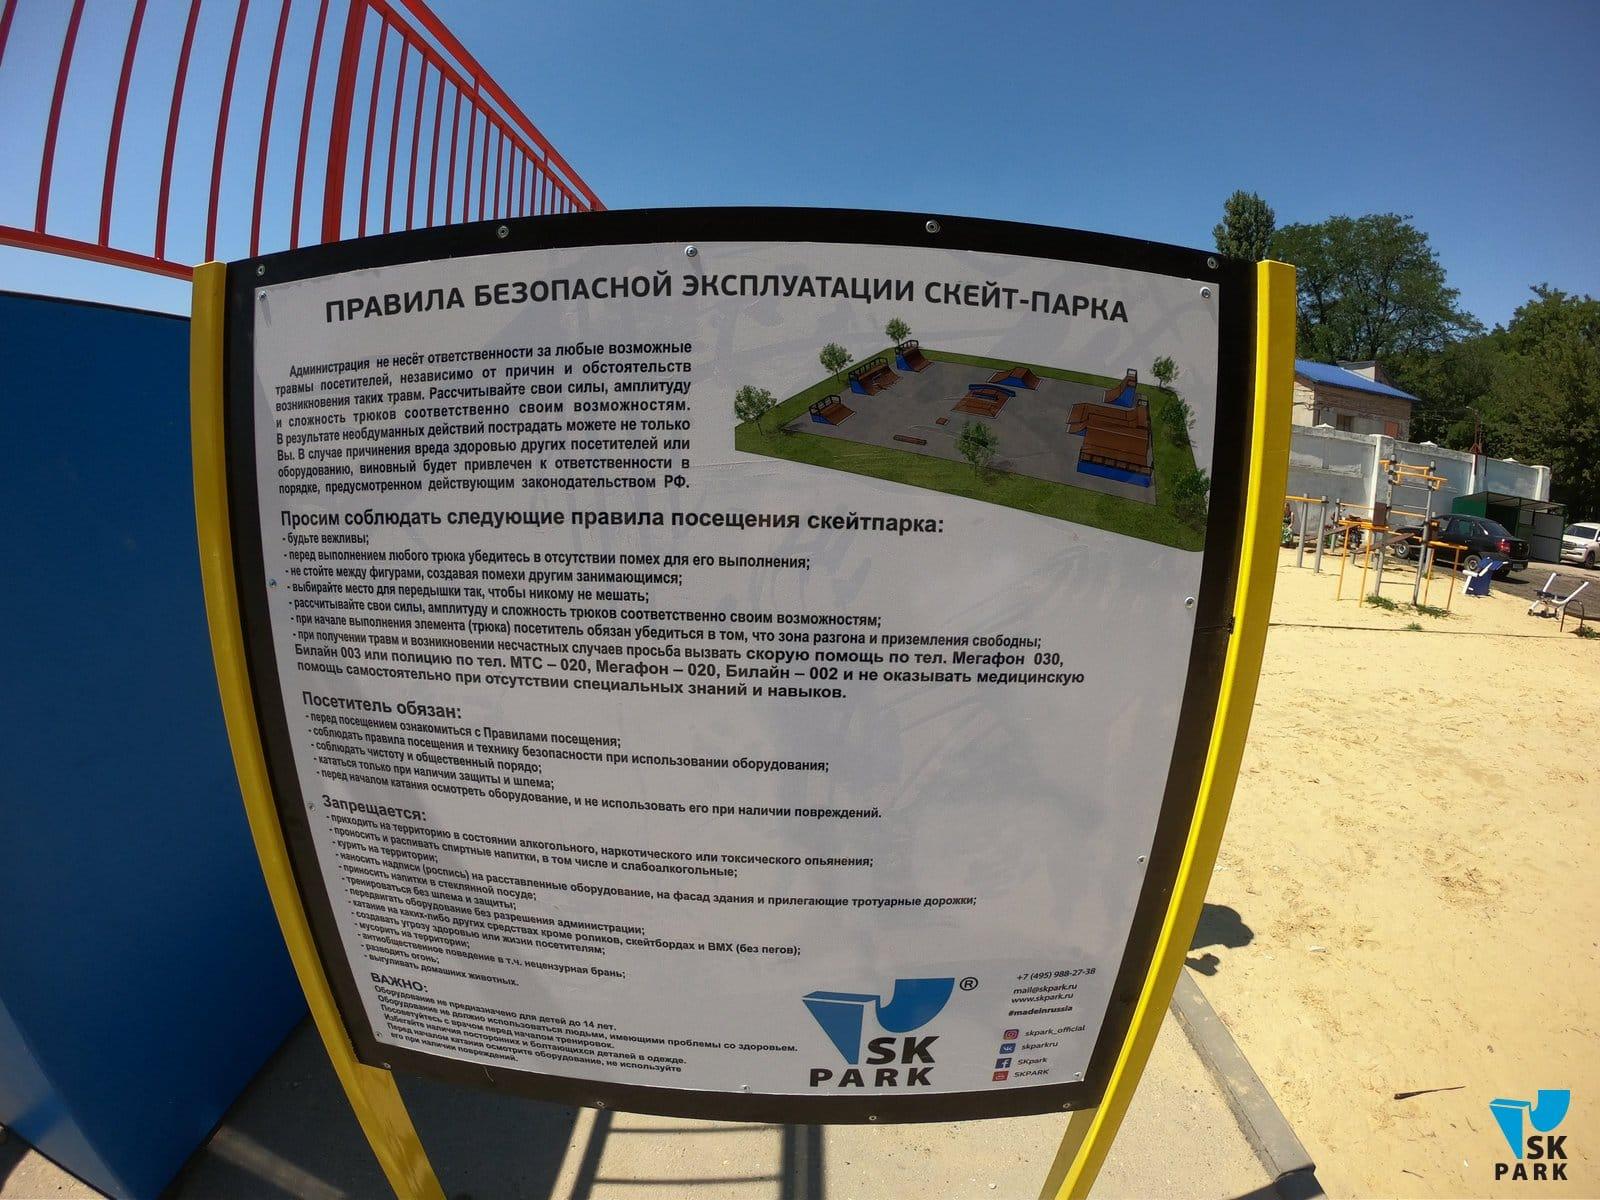 Правила безопасной эксплуатации скейт парка